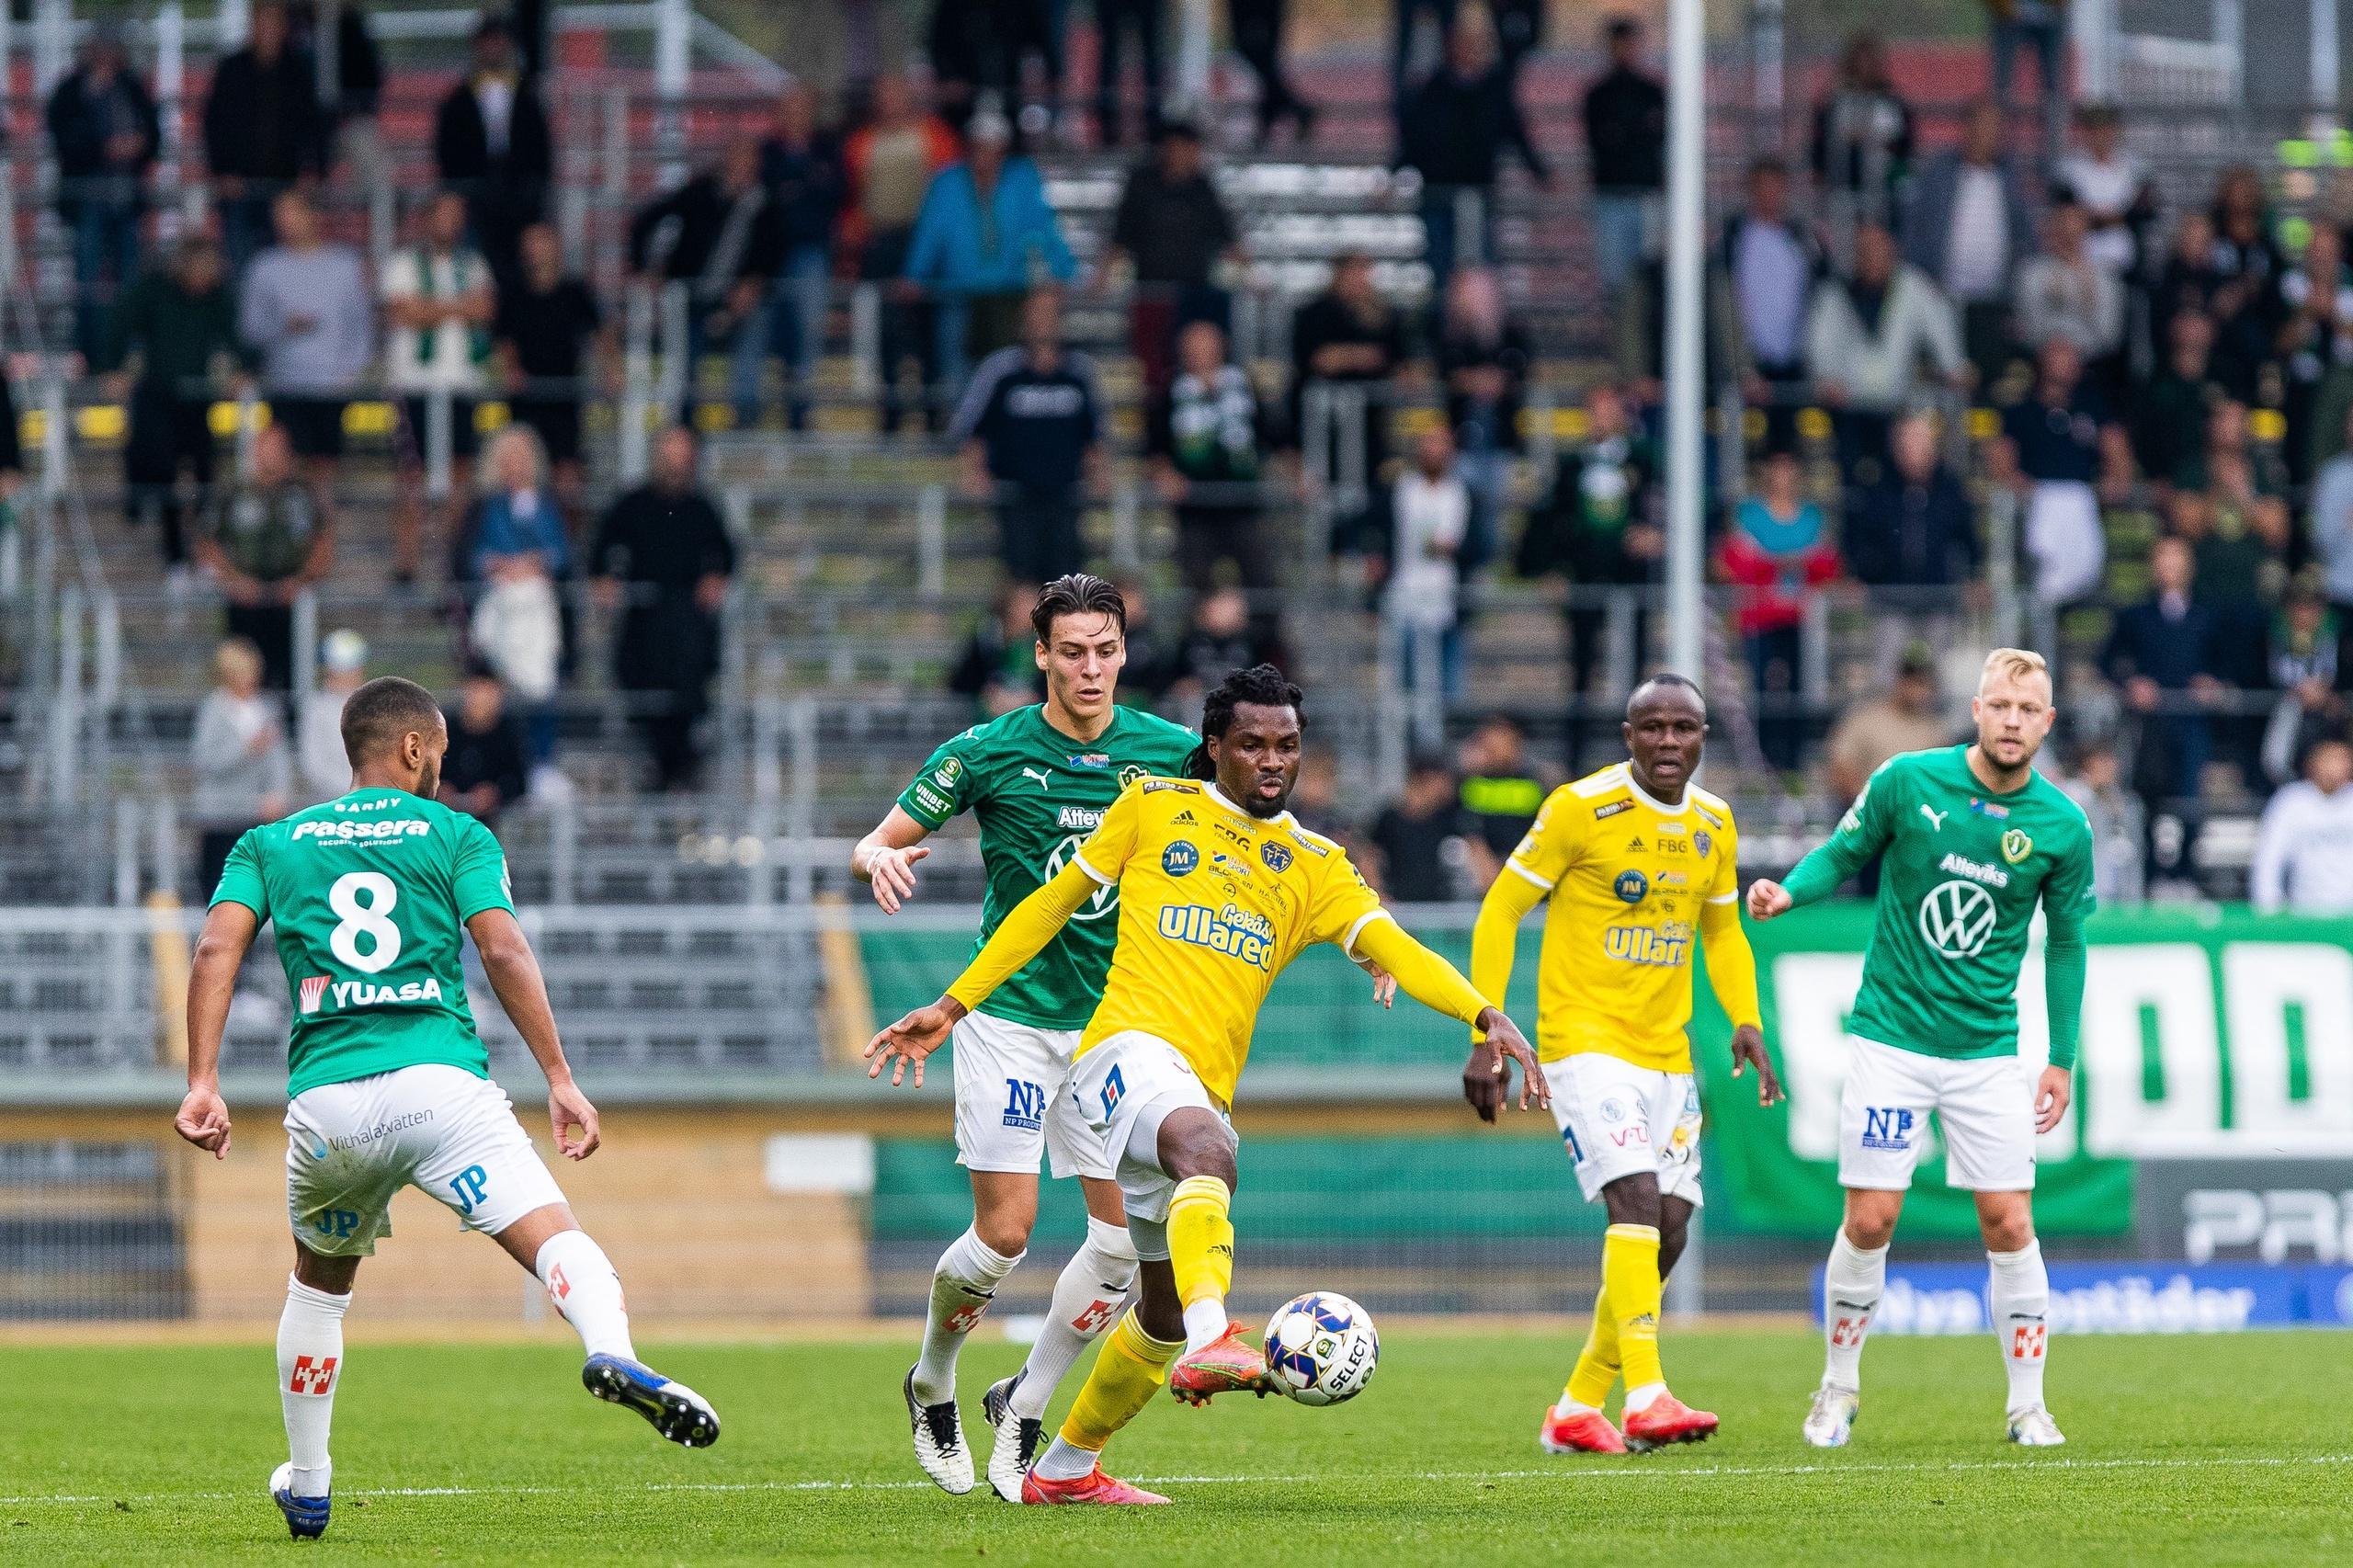 Falkenbergs FF förlorade mot Jönköpings Södra